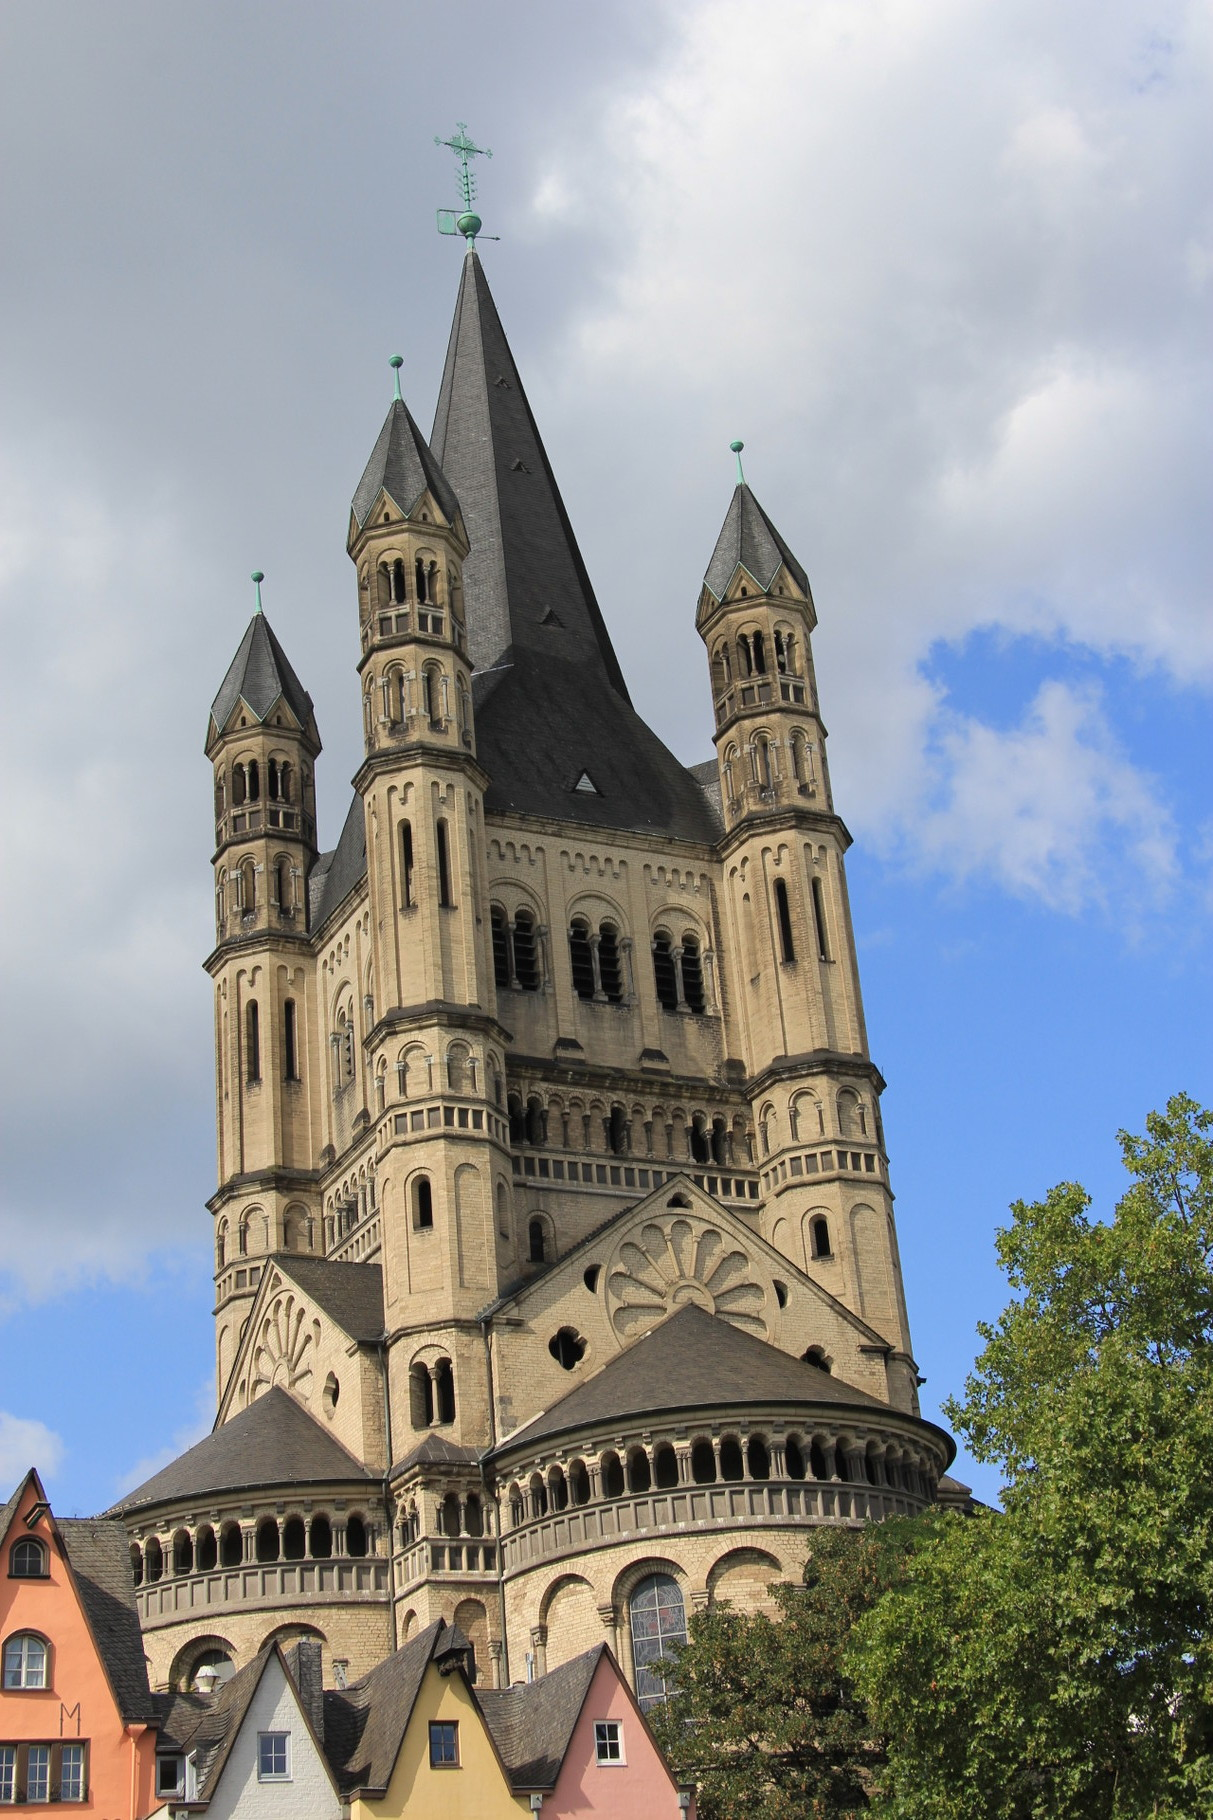 Führung Romanische Kirchen - Groß St. Martin am Rhein (nahe Alter Markt und Heumarkt)